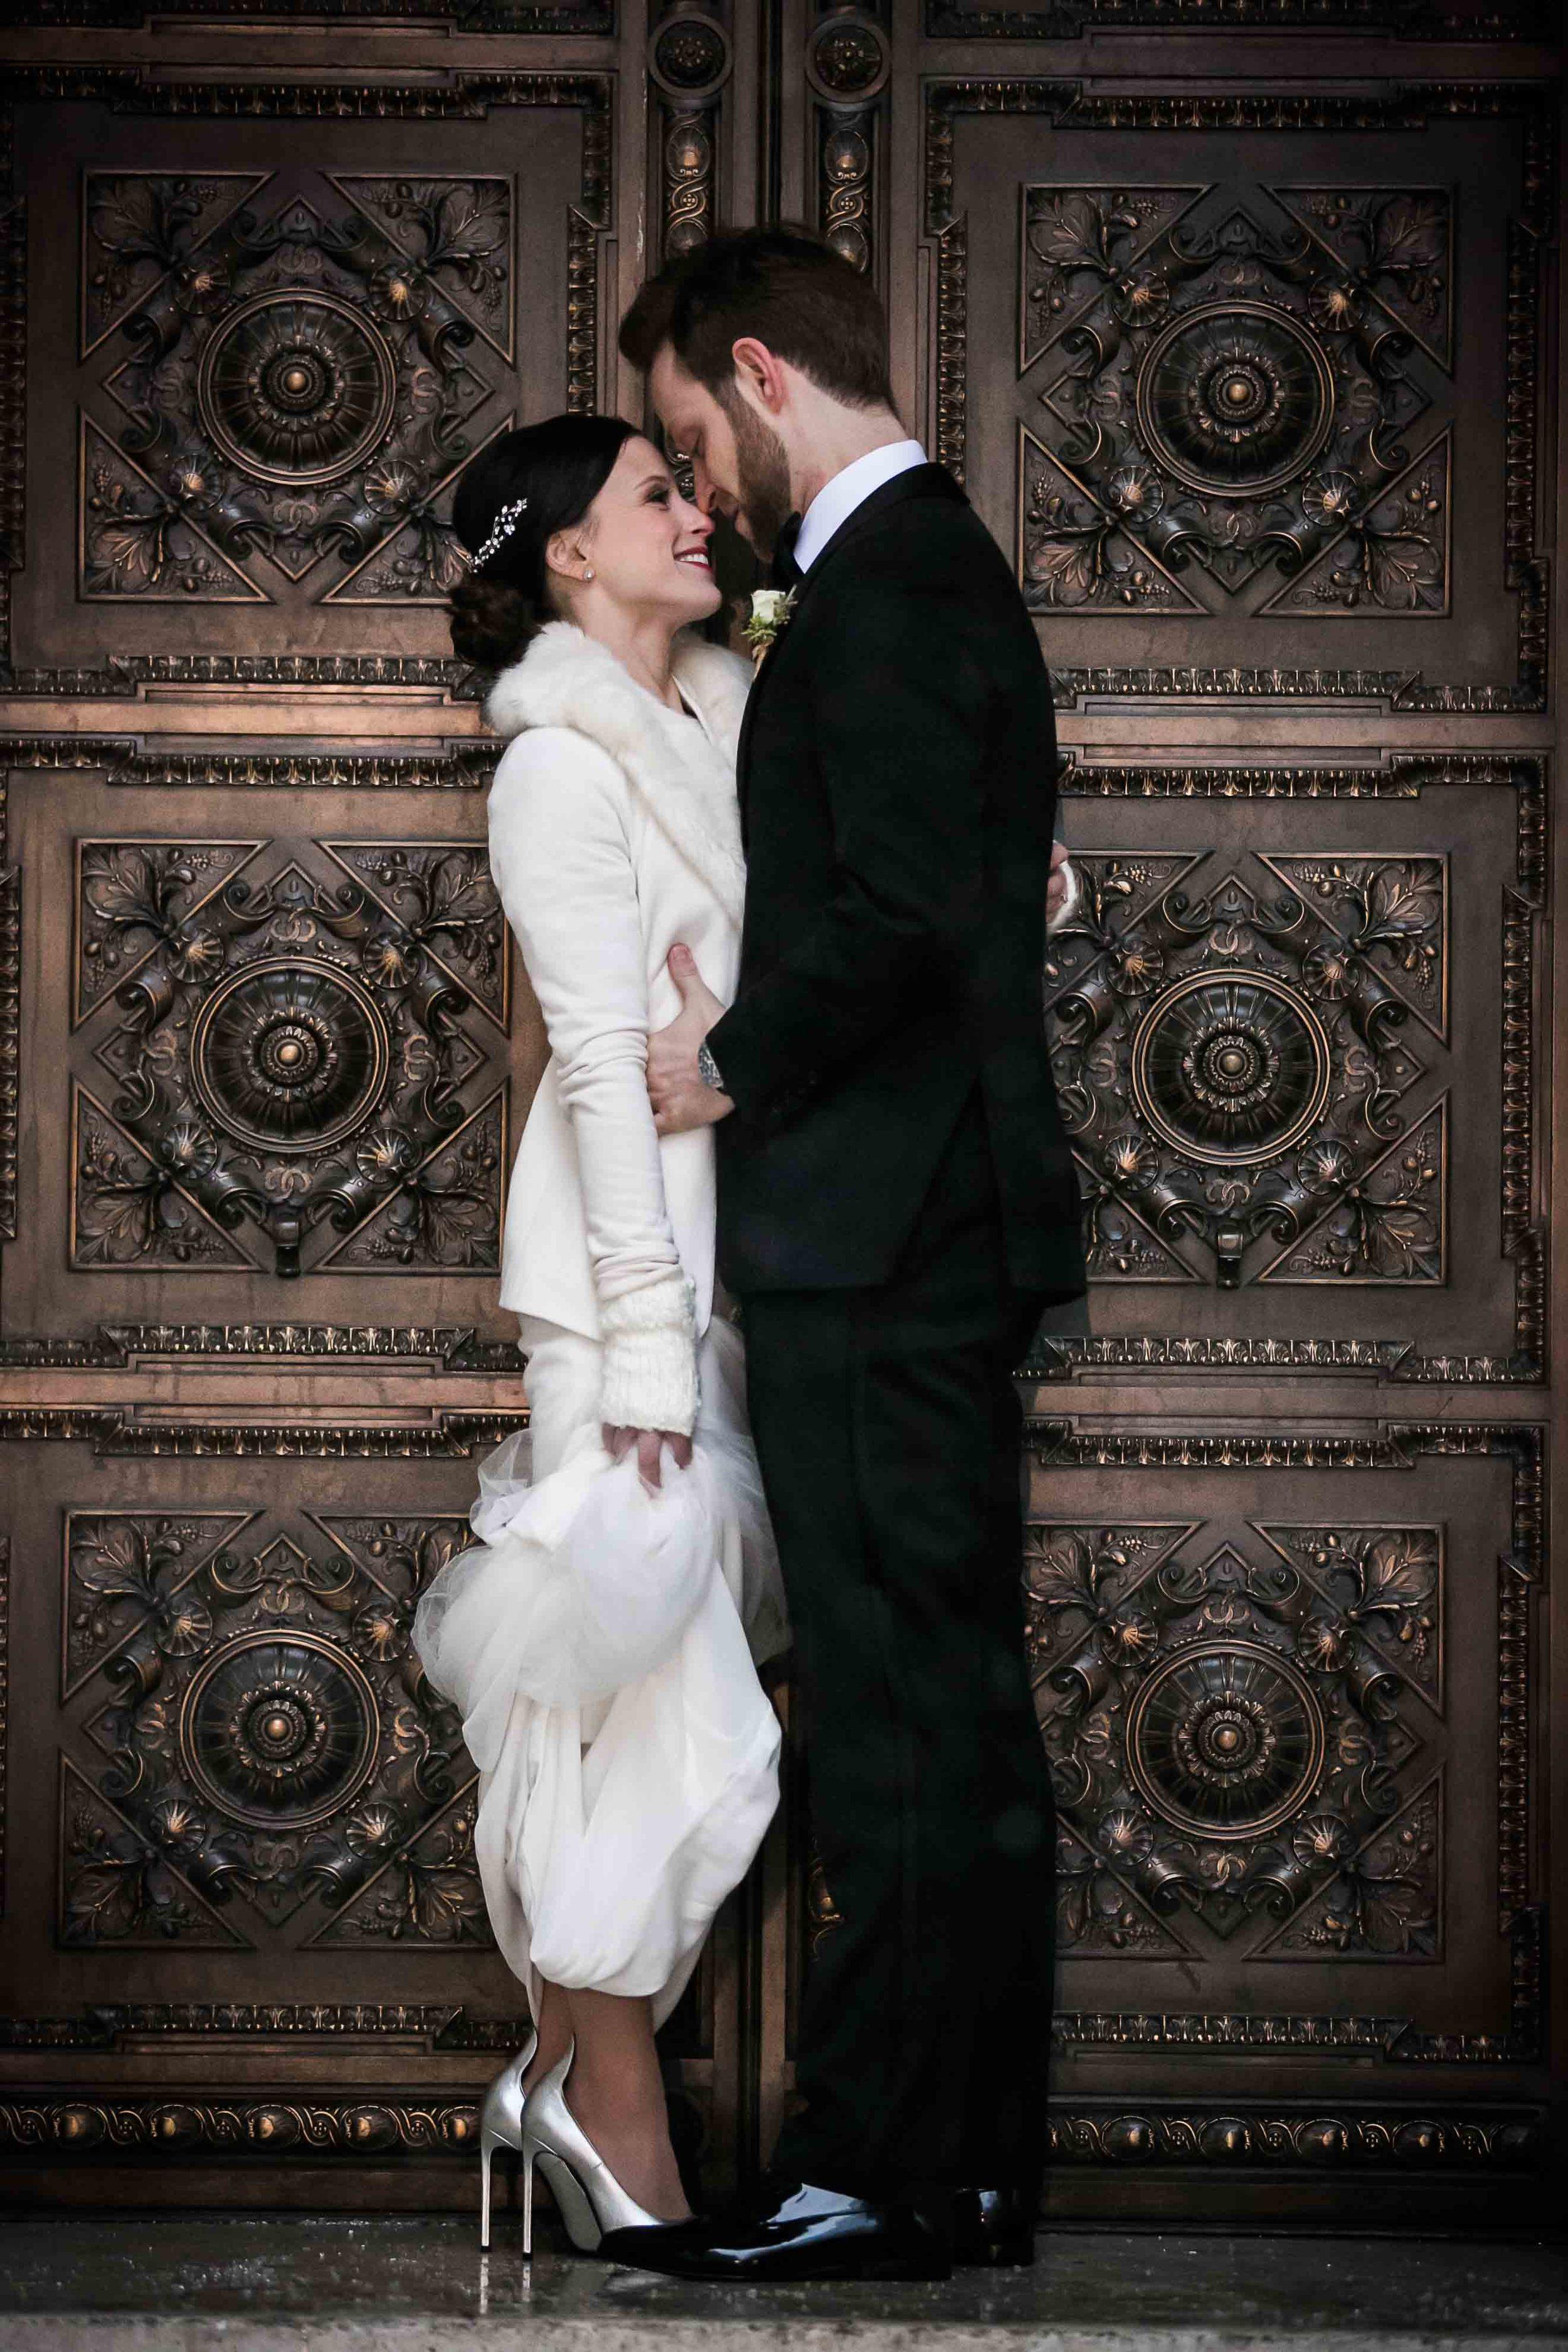 winter-wedding-snow-couple-umbrella-bride-groom